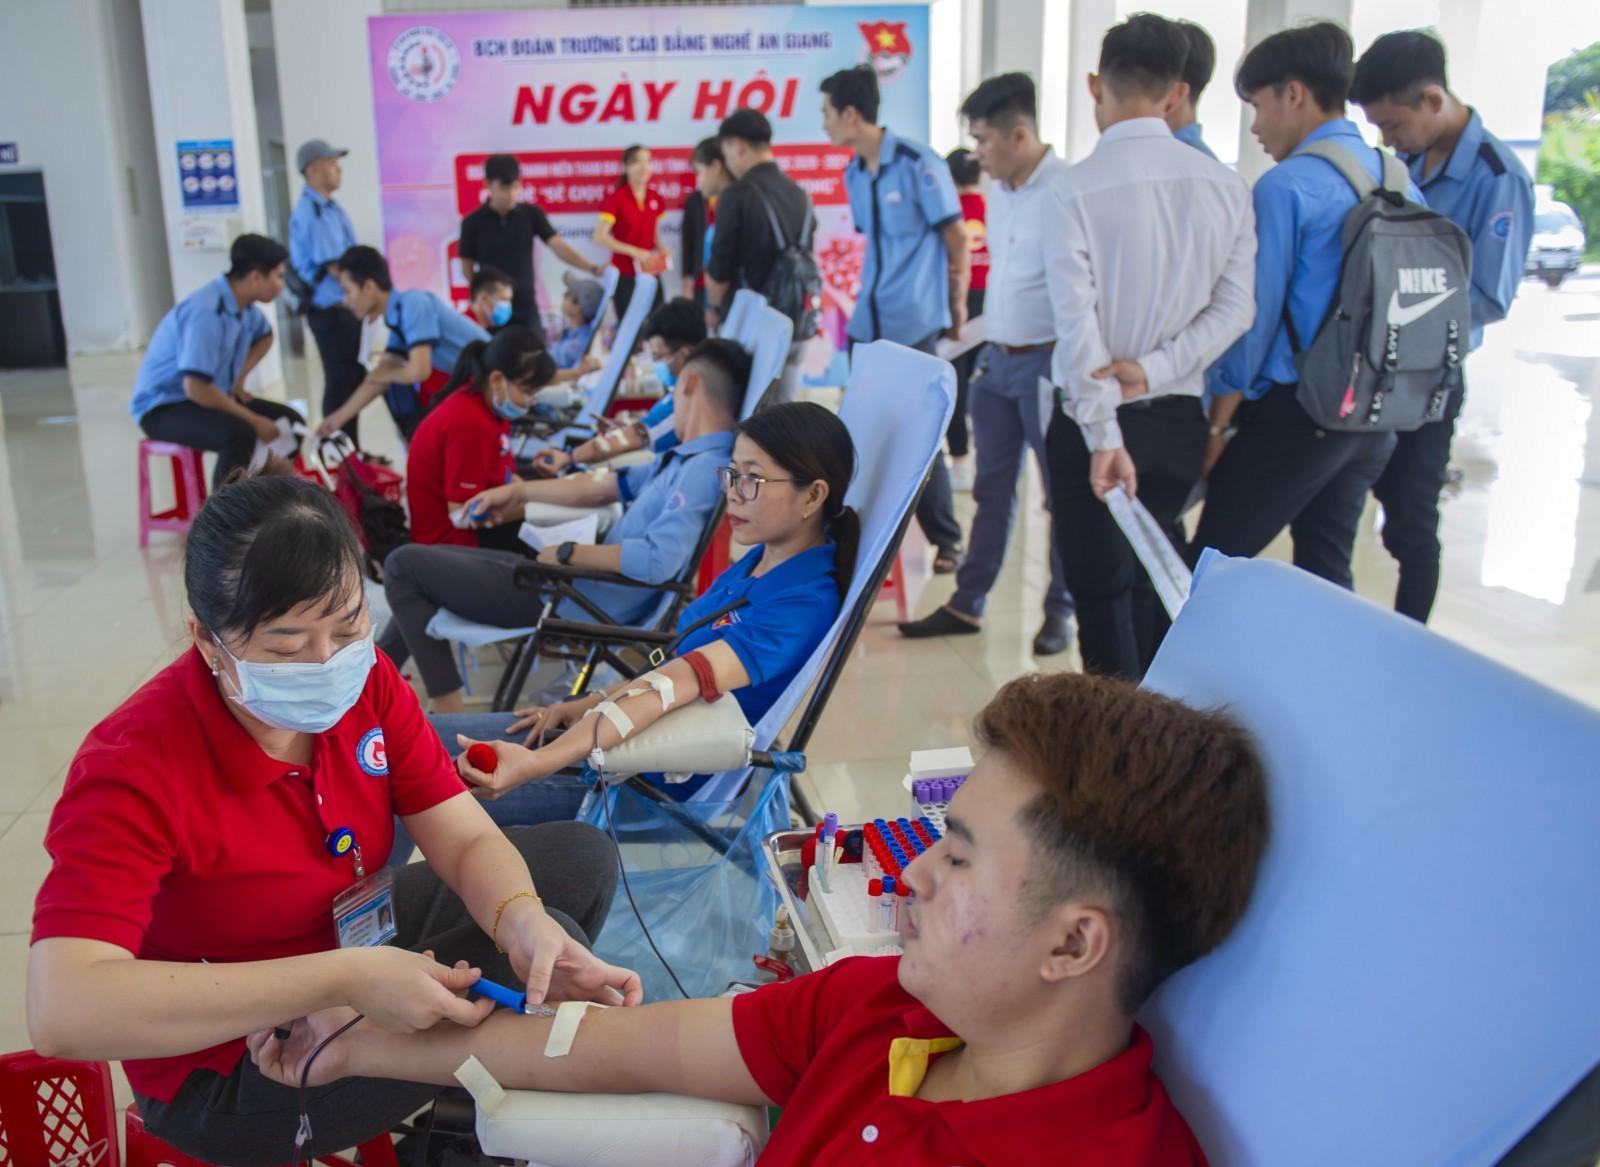 Đoàn trường Cao đẳng Nghề An Giang: Tổ chức hiến máu tình nguyện lần I năm học 2020- 2021 Ảnh 1